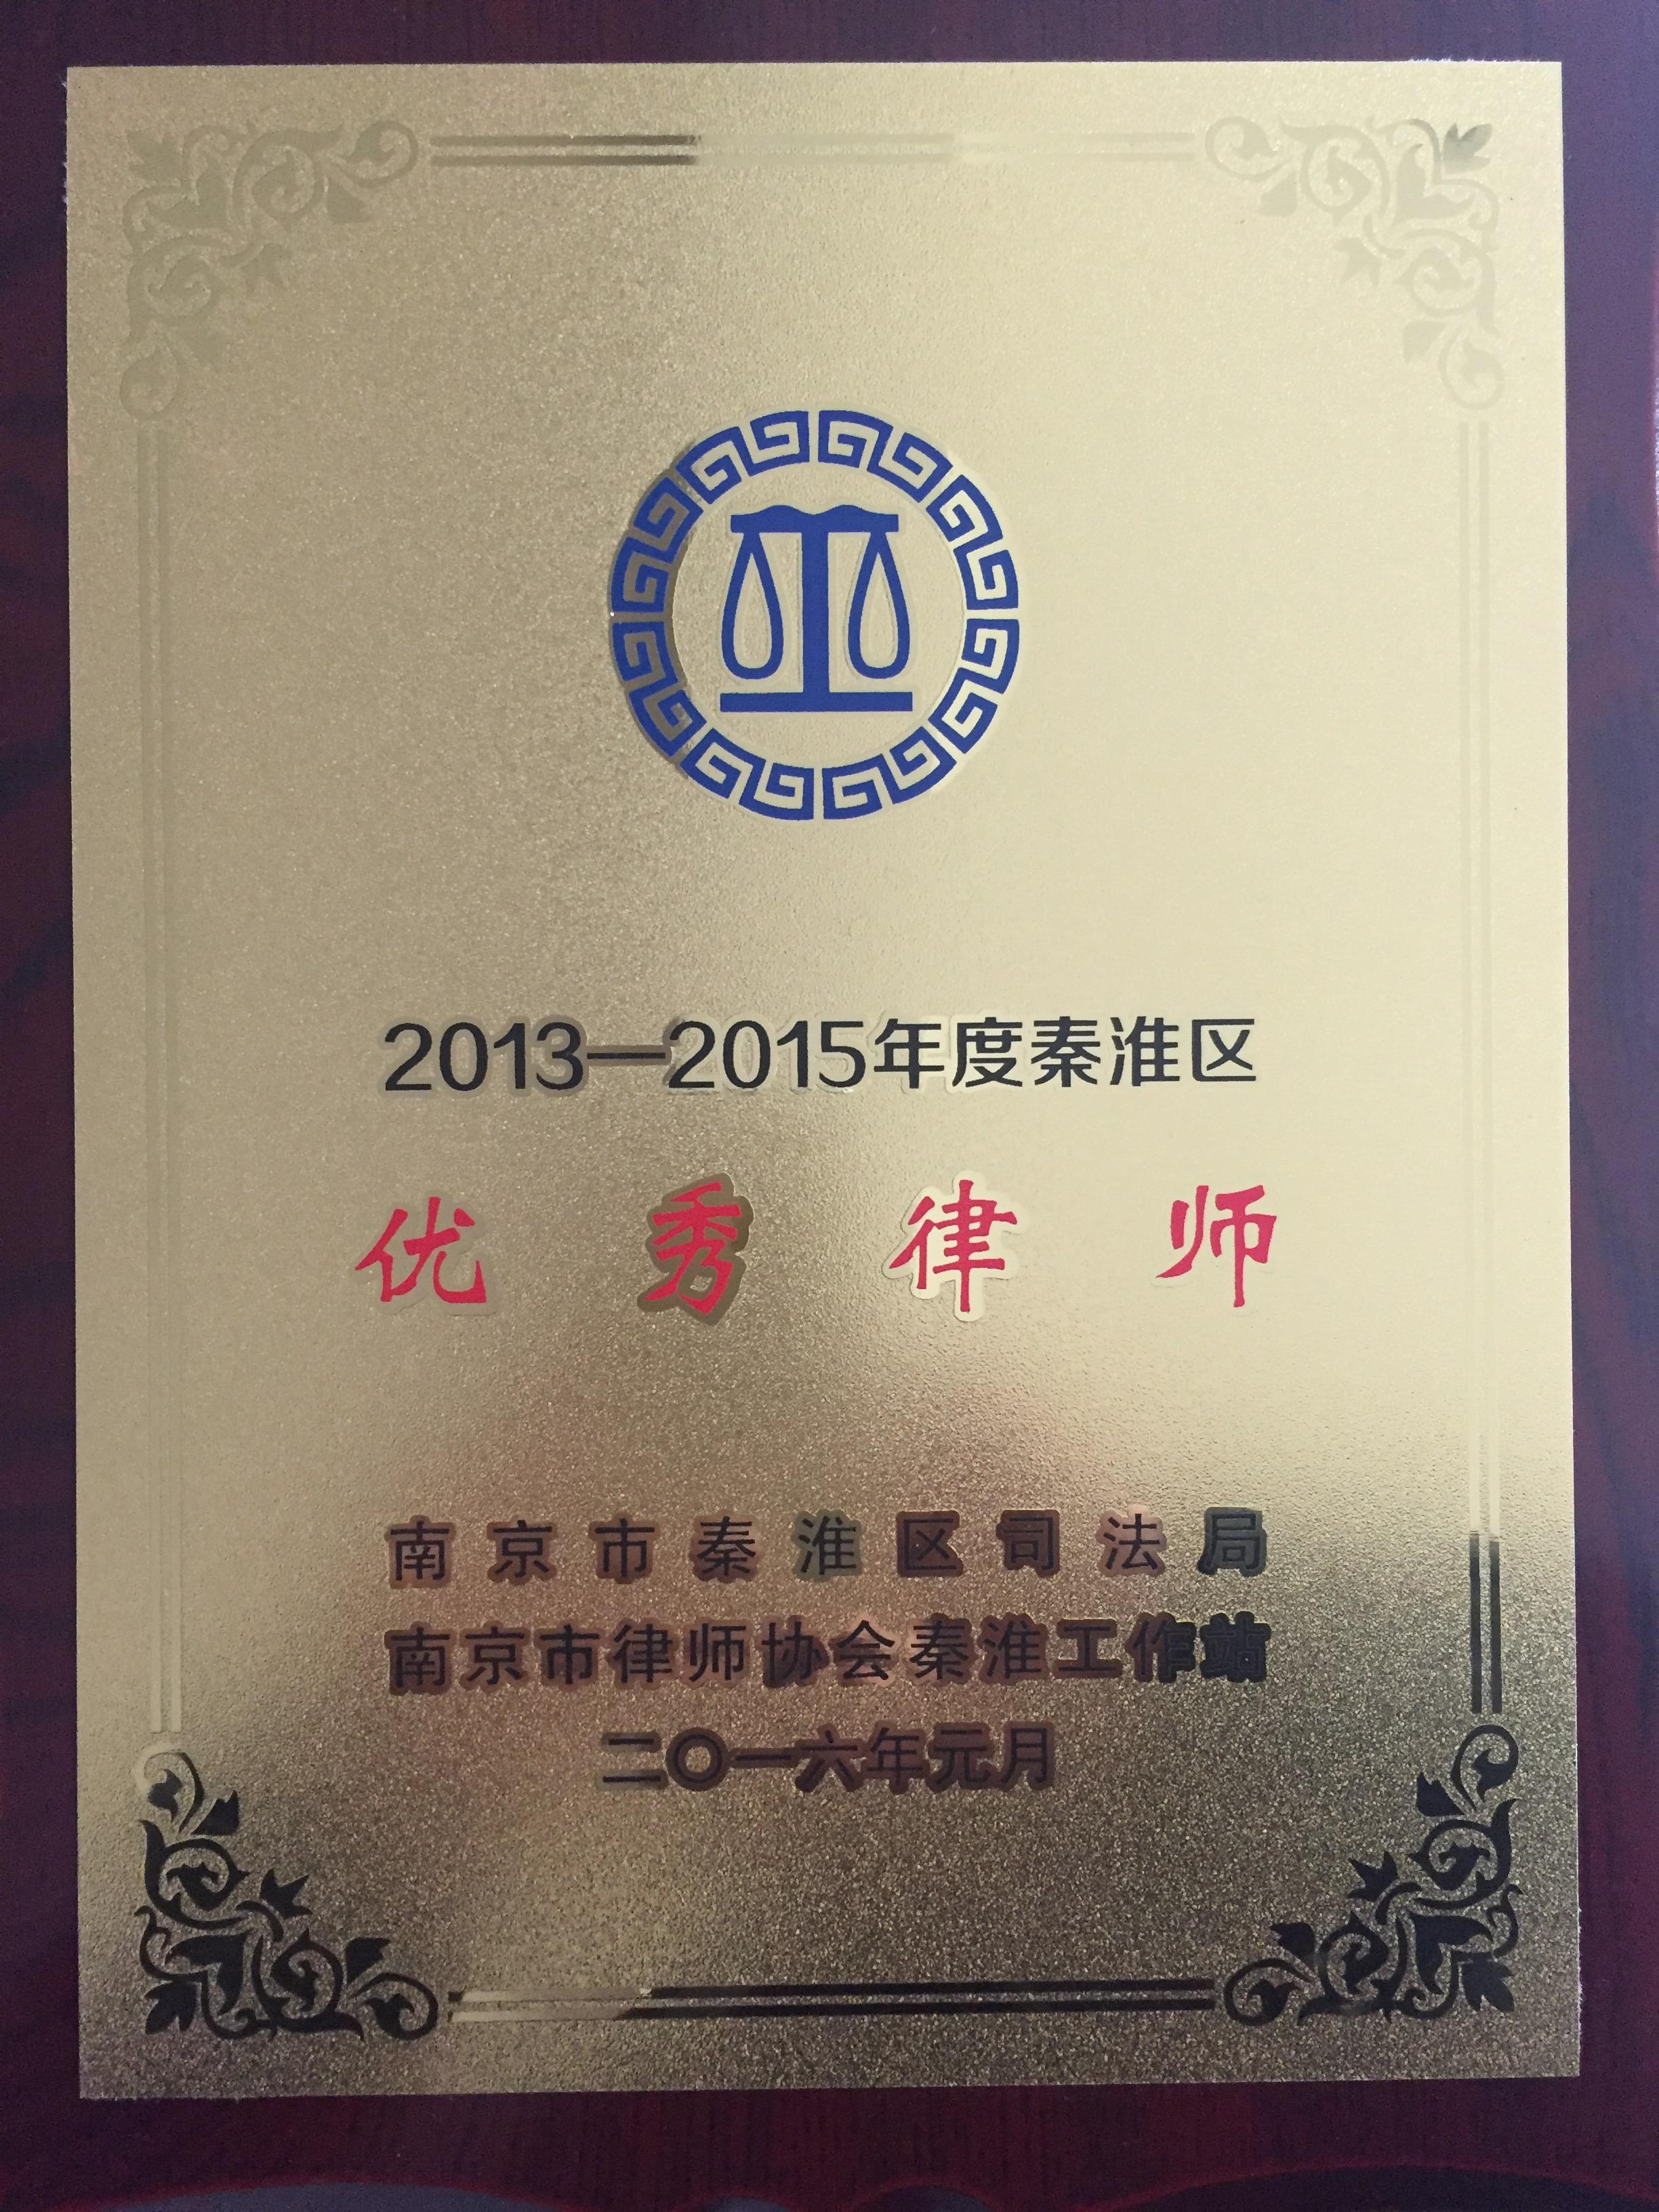 2013-2015年度优秀律师